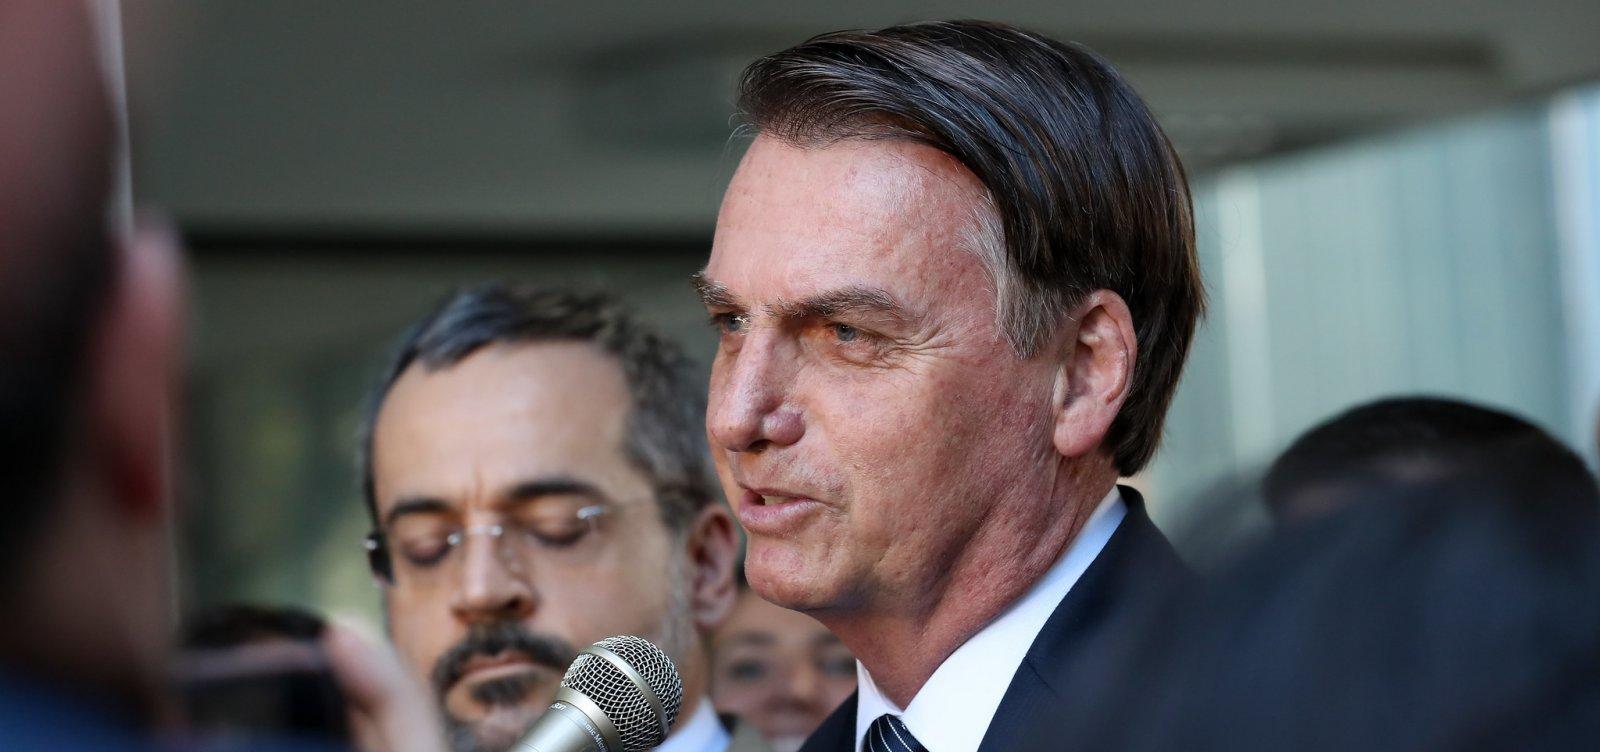 Se escola tiver partido, que seja dos dois lados, diz Bolsonaro